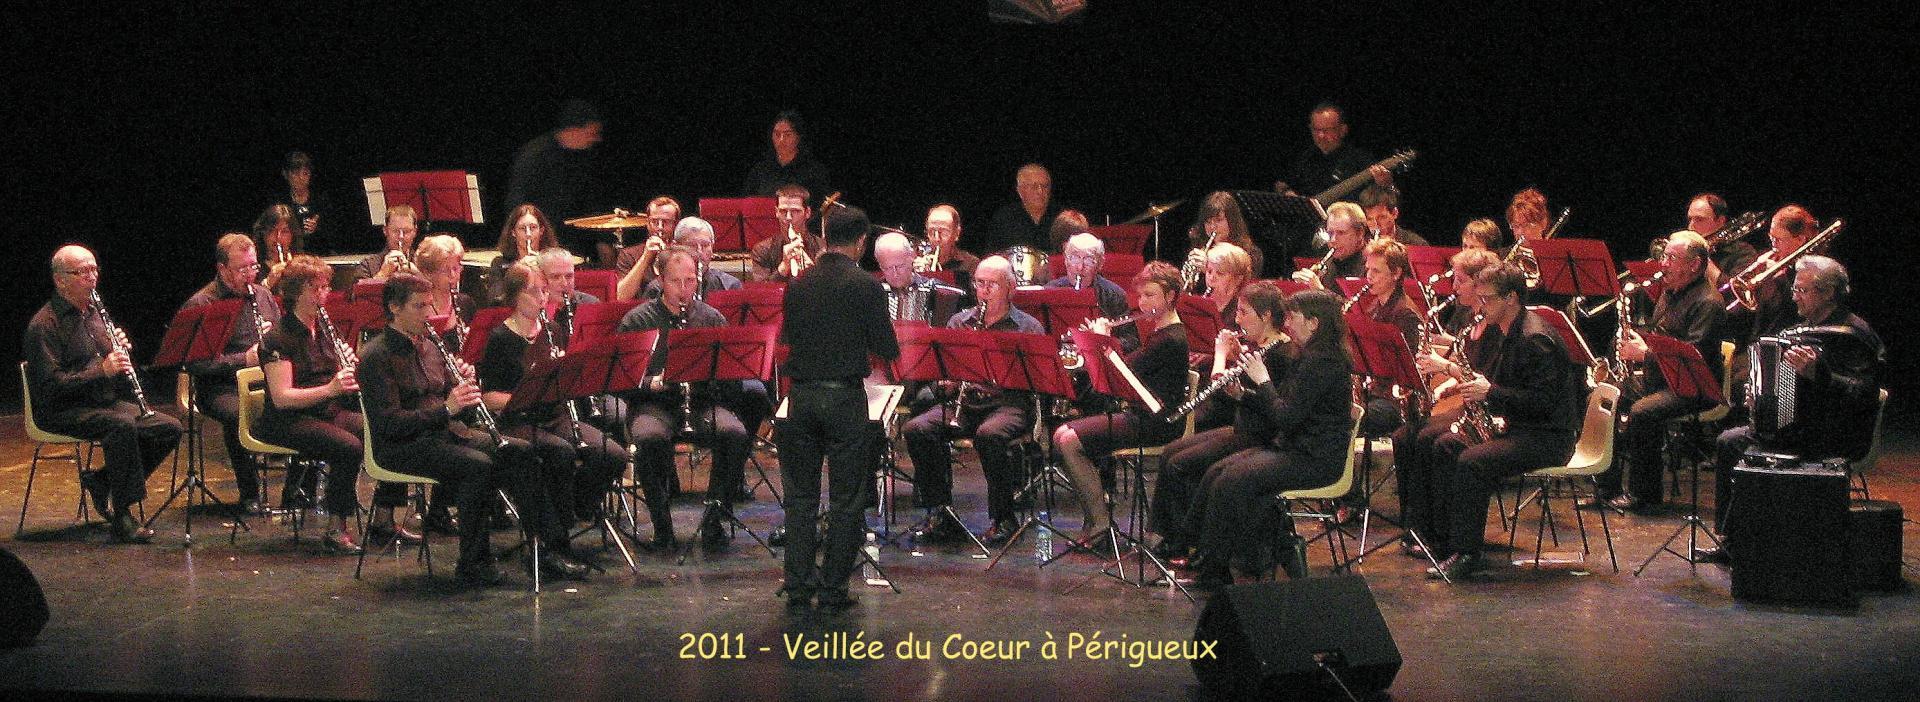 2011 02 veillee du coeur 2